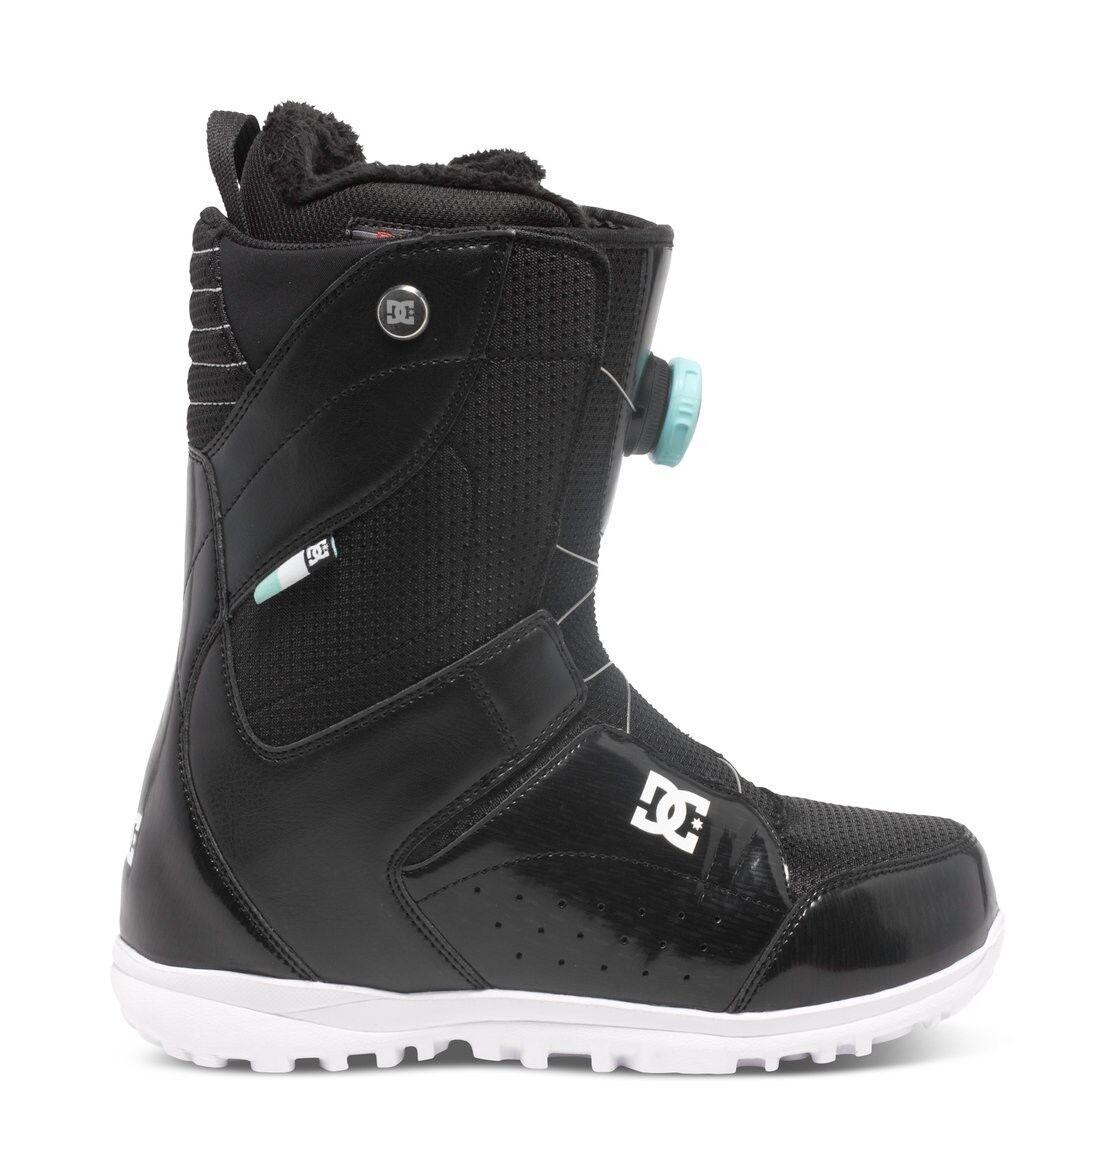 DC Search daSie Snowboard Stiefel - Größe 7.5